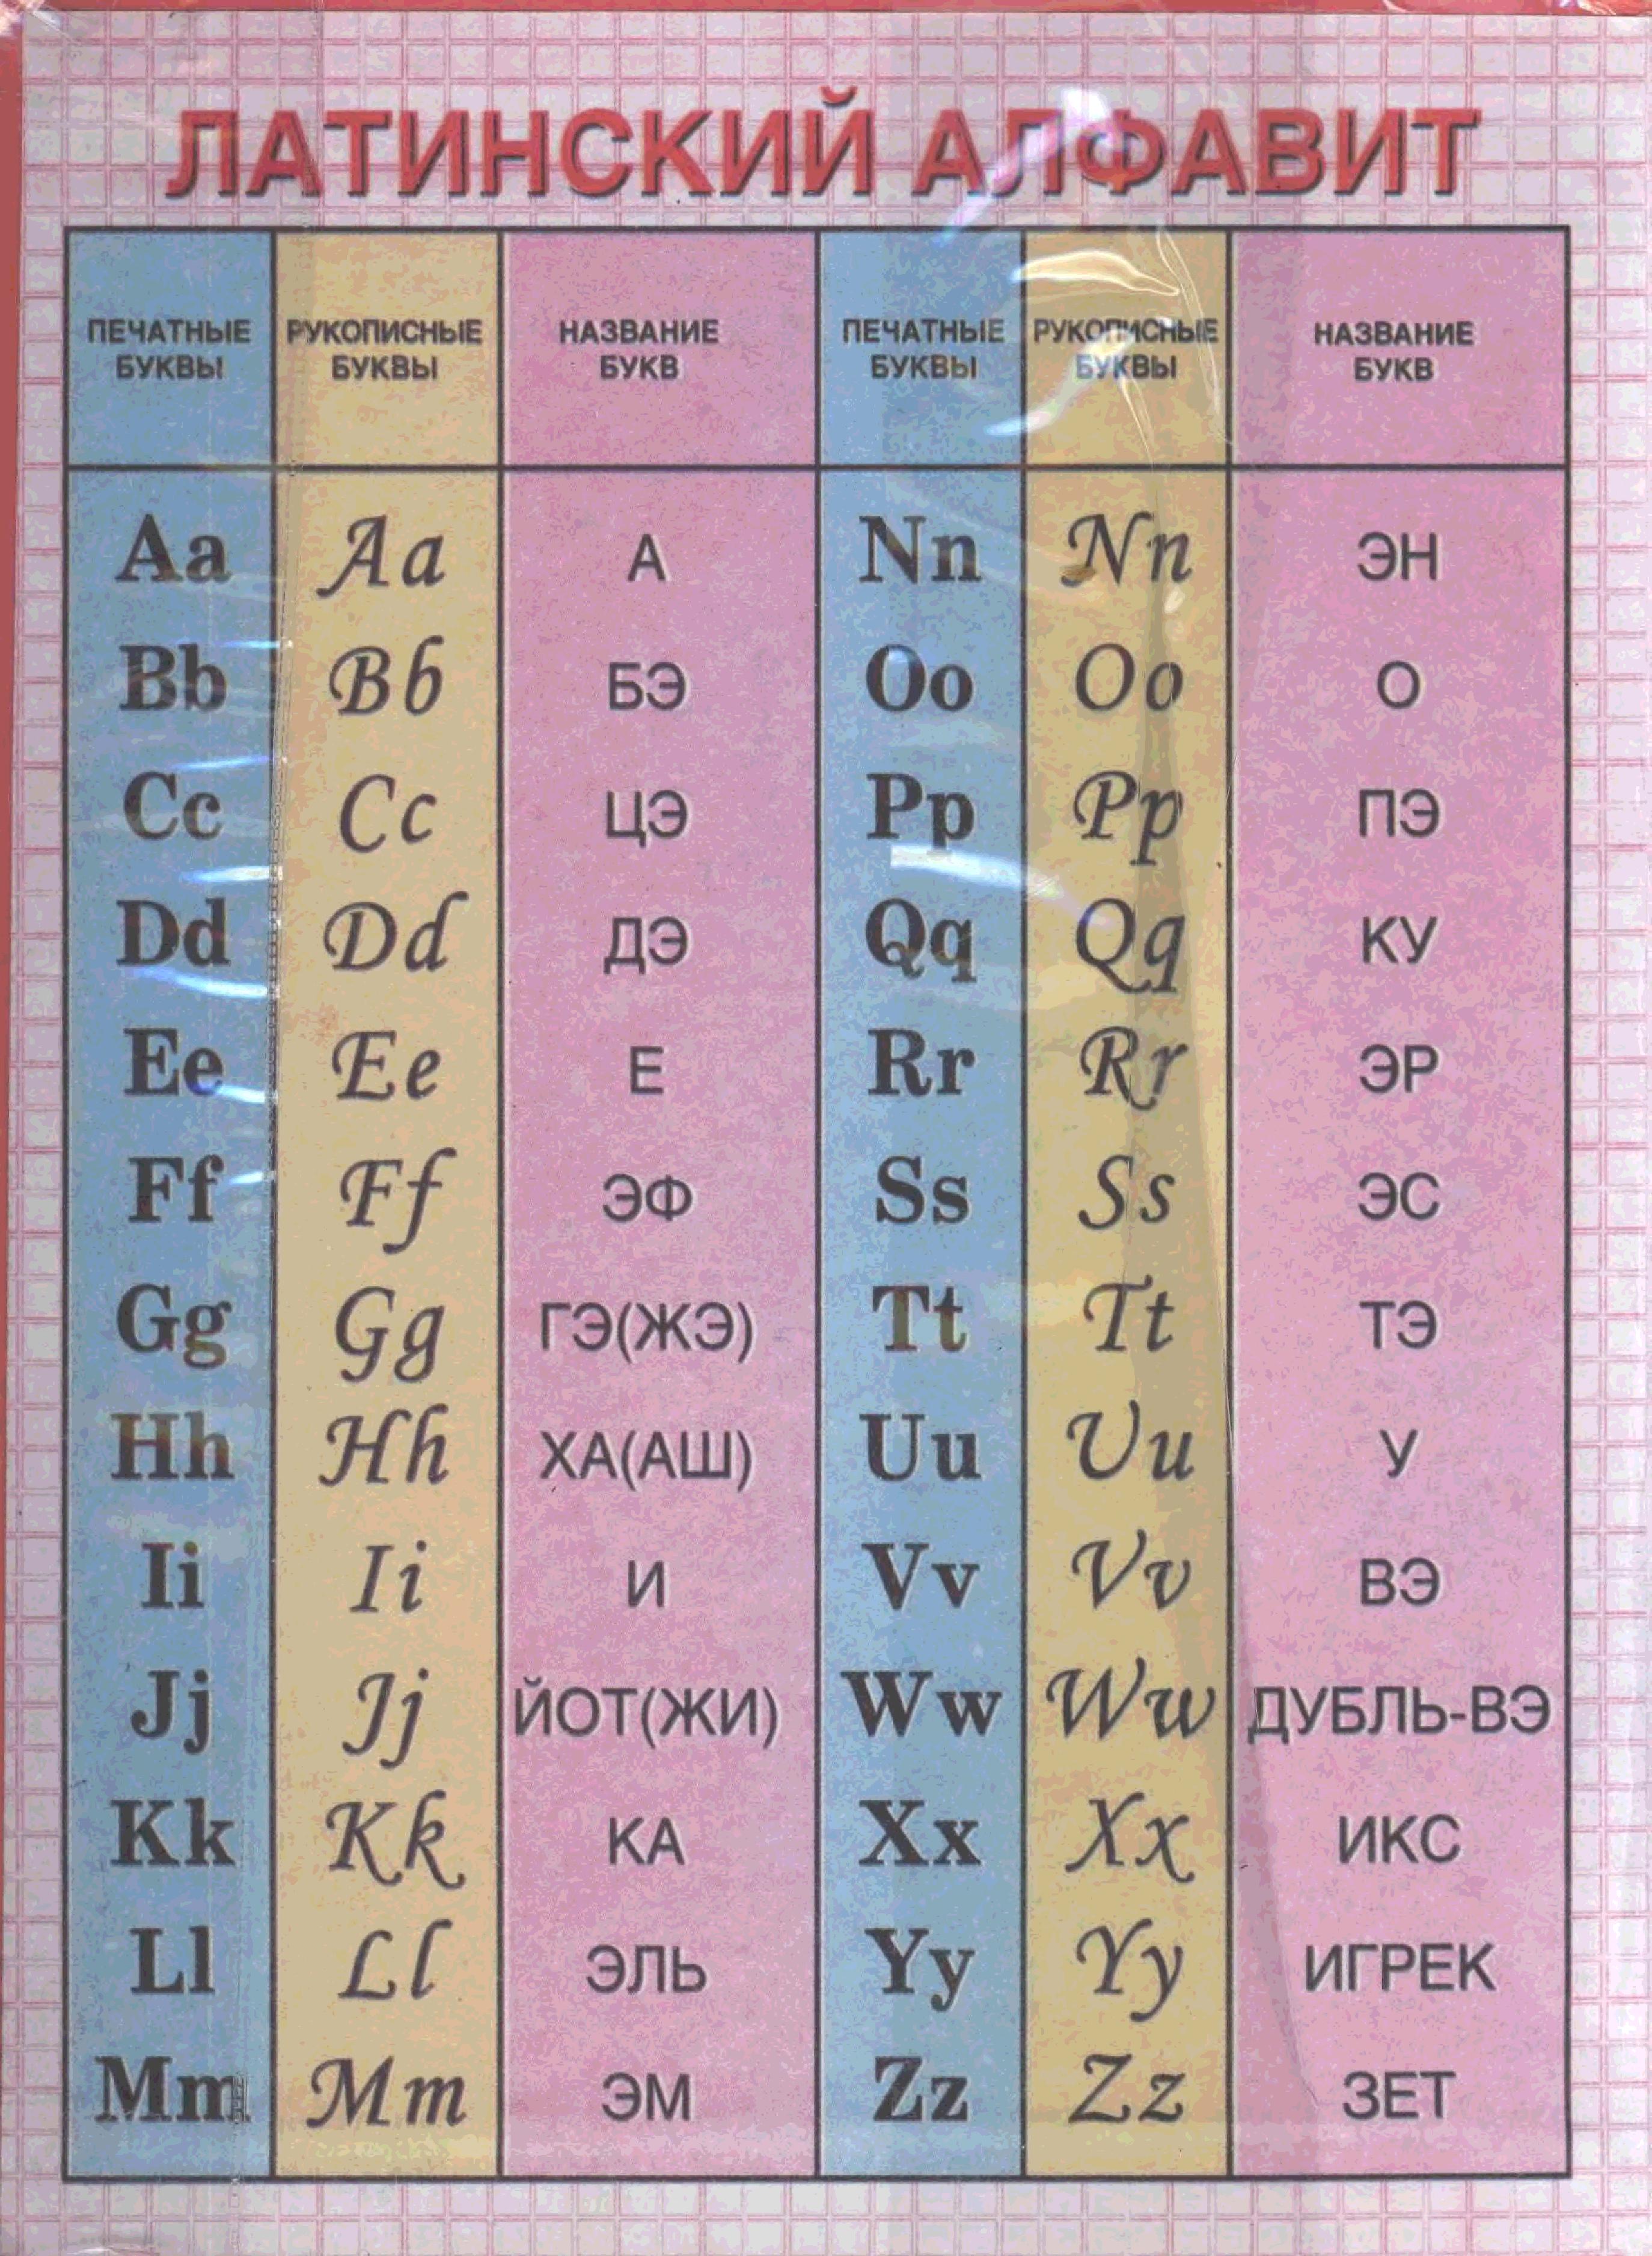 Латинские буквы: это какие и чем они отличаются